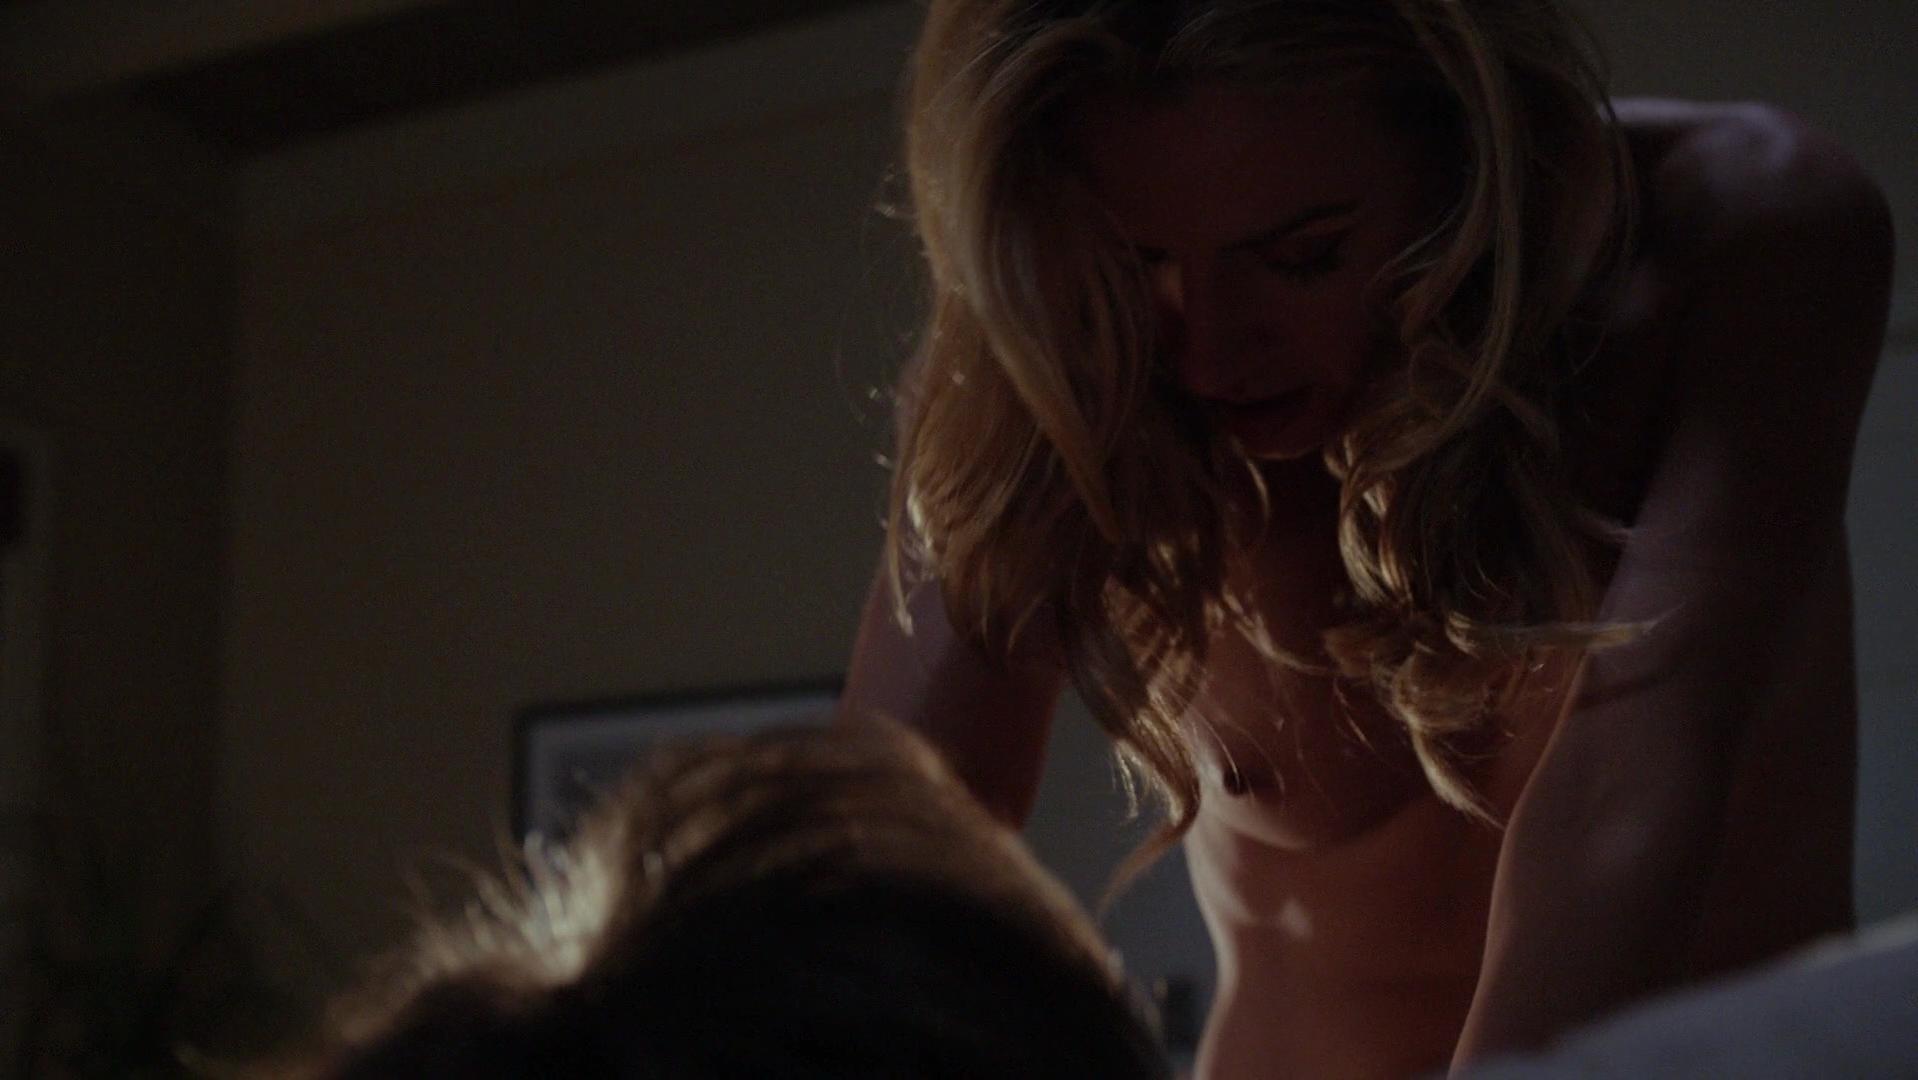 Allison McAtee nude - Californication s06e04 (2013)